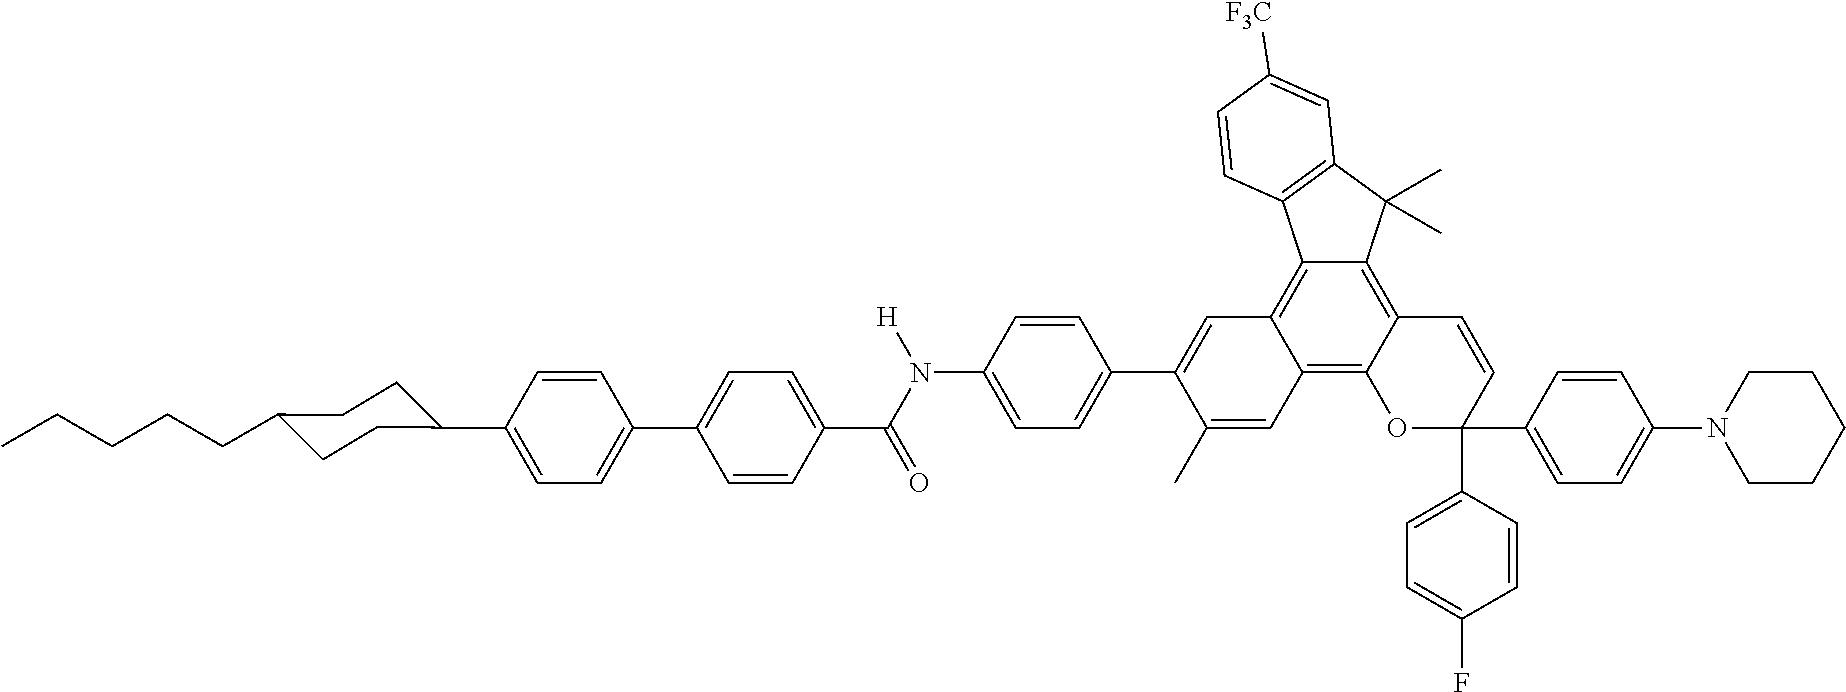 Figure US08518546-20130827-C00070